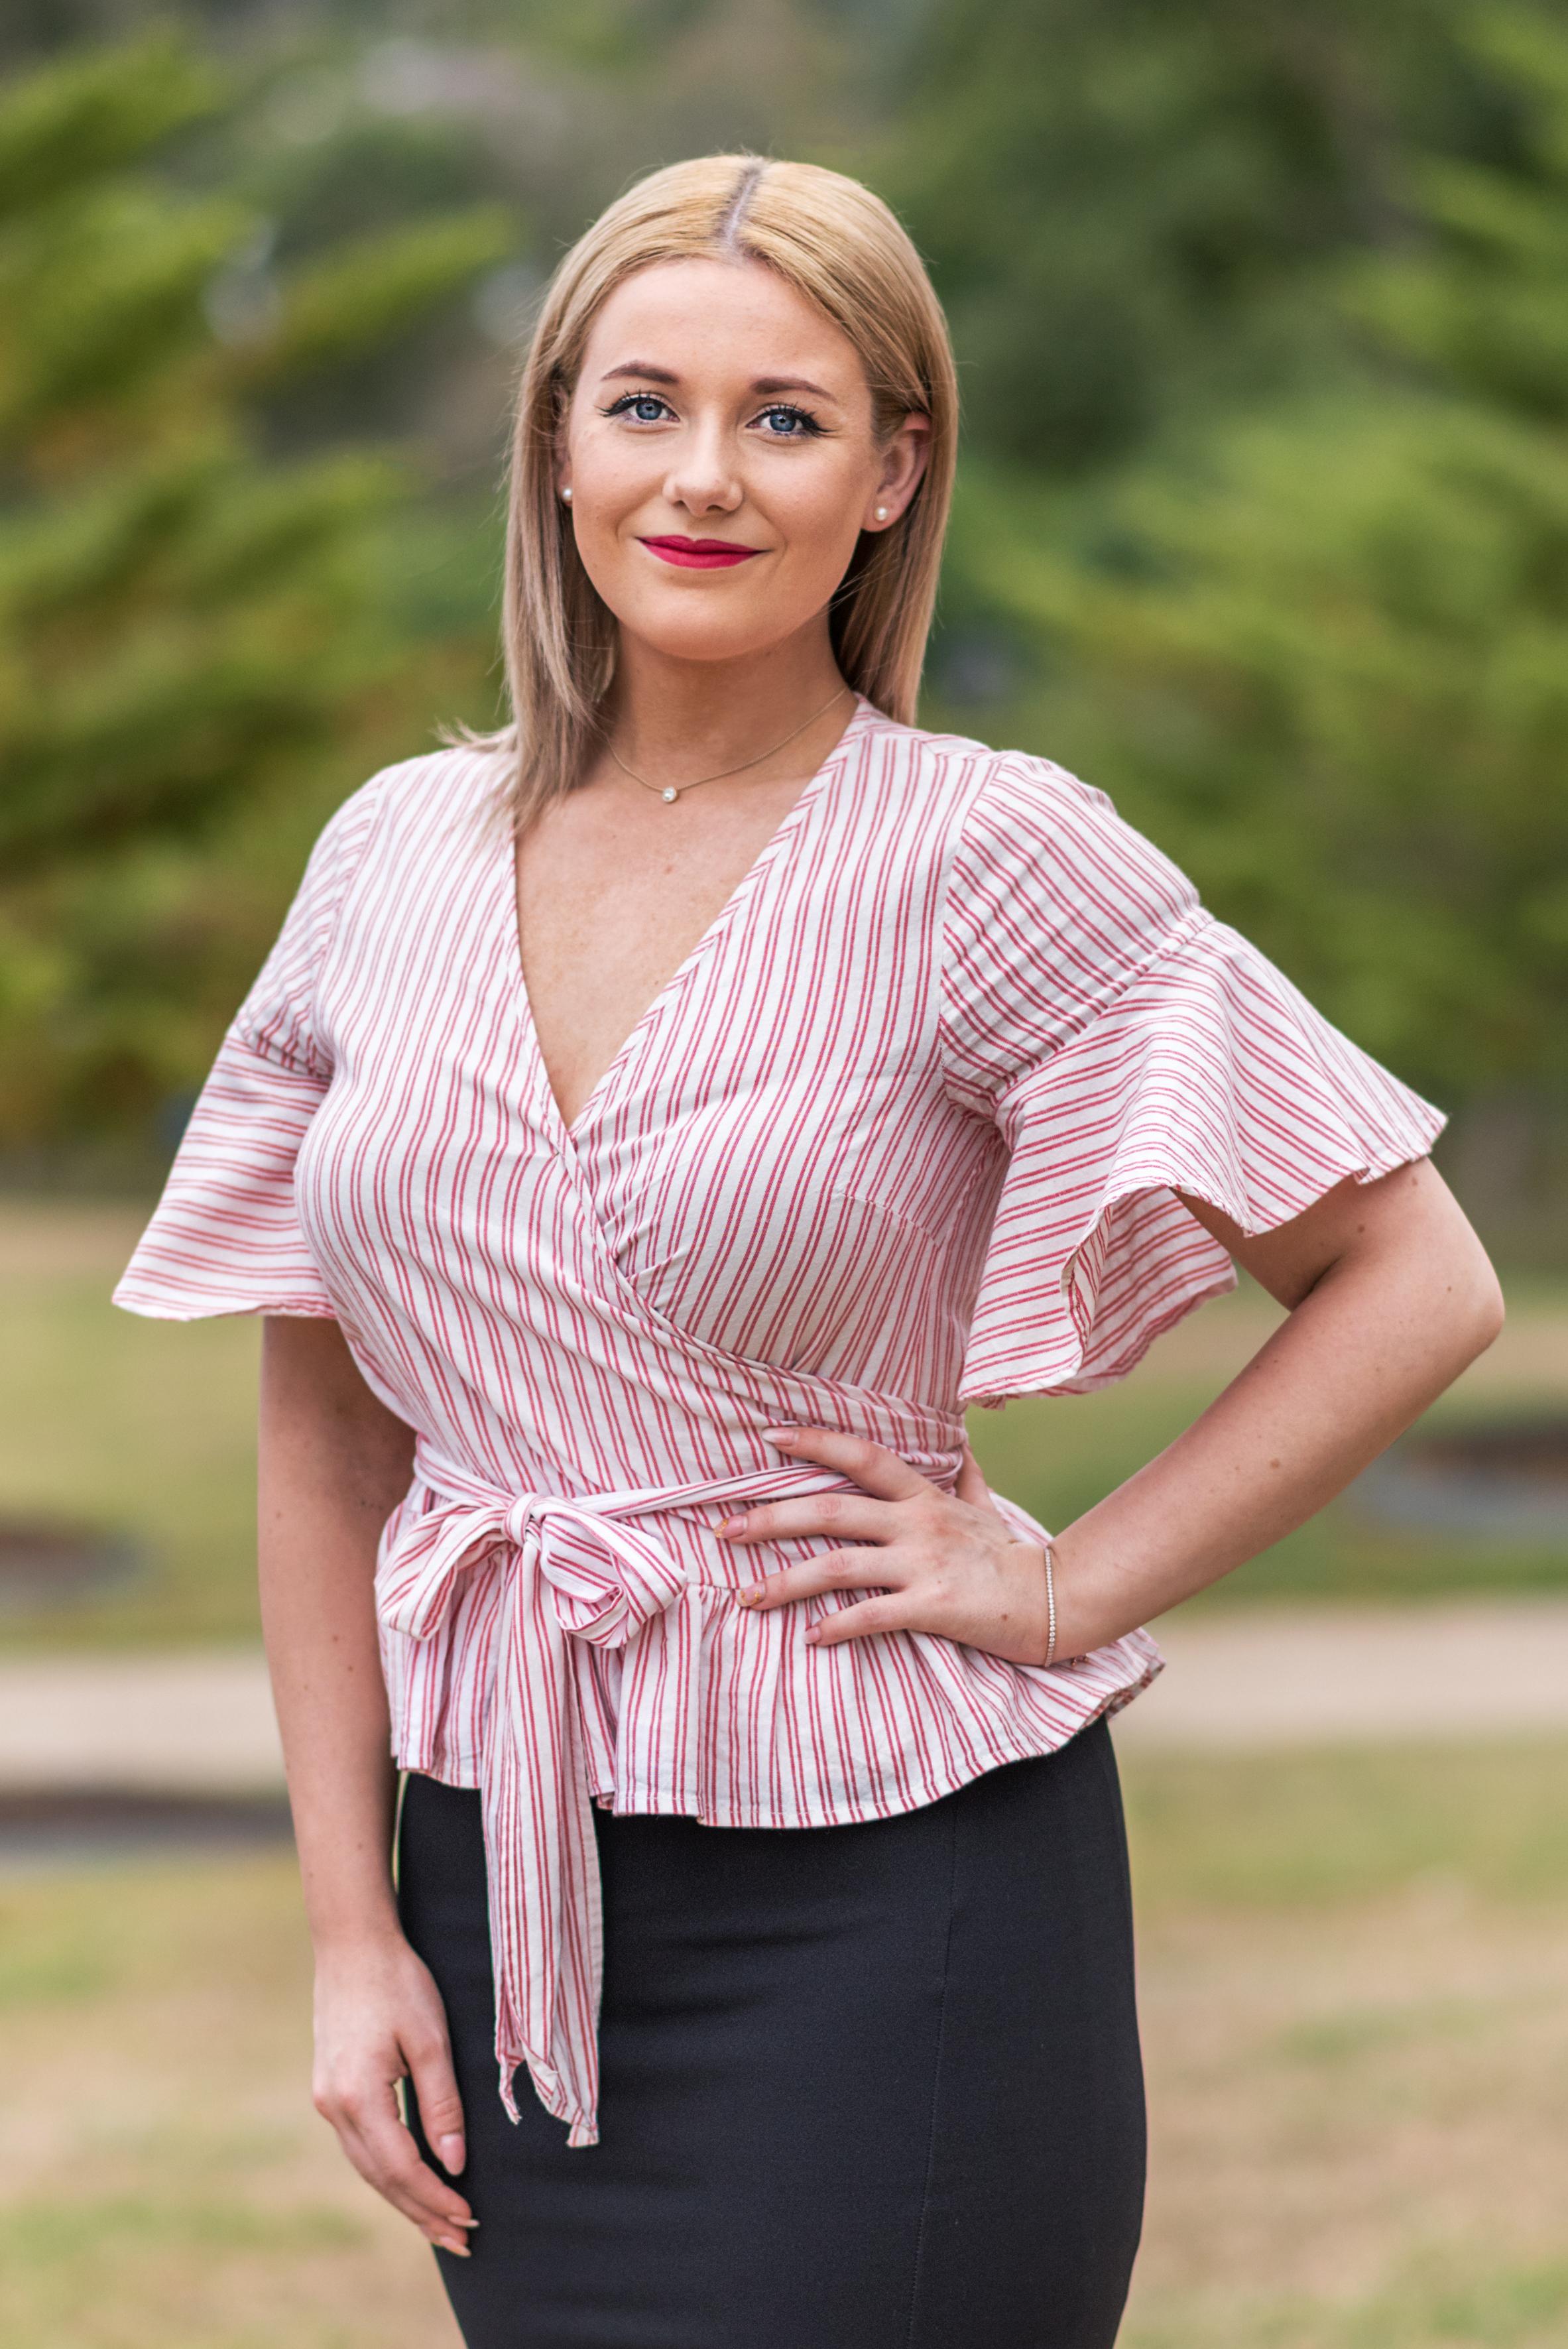 Samantha Nowakowski  - Sales Associate  0434 788 658 | samantha@auroraestateagents.com.au